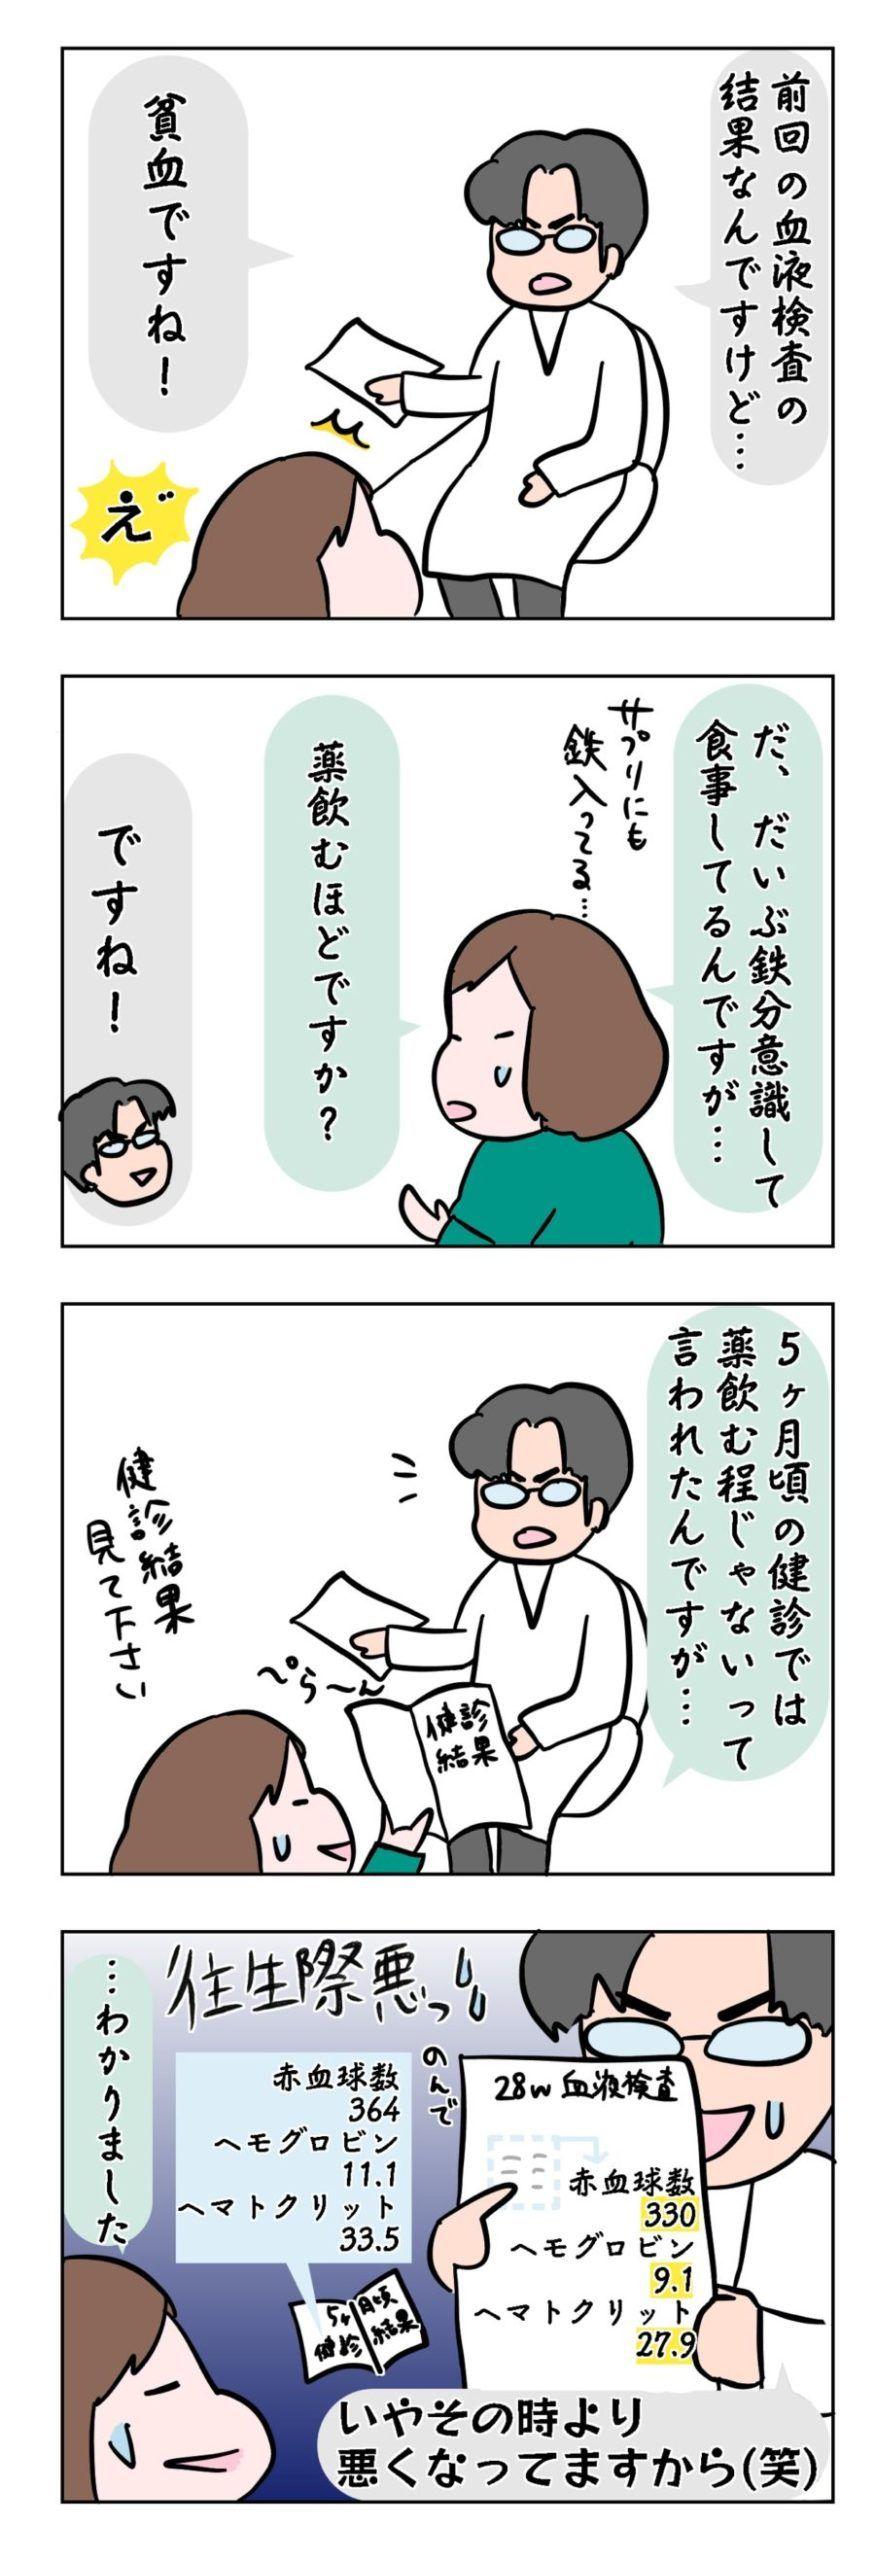 検診 血液 検査 妊婦